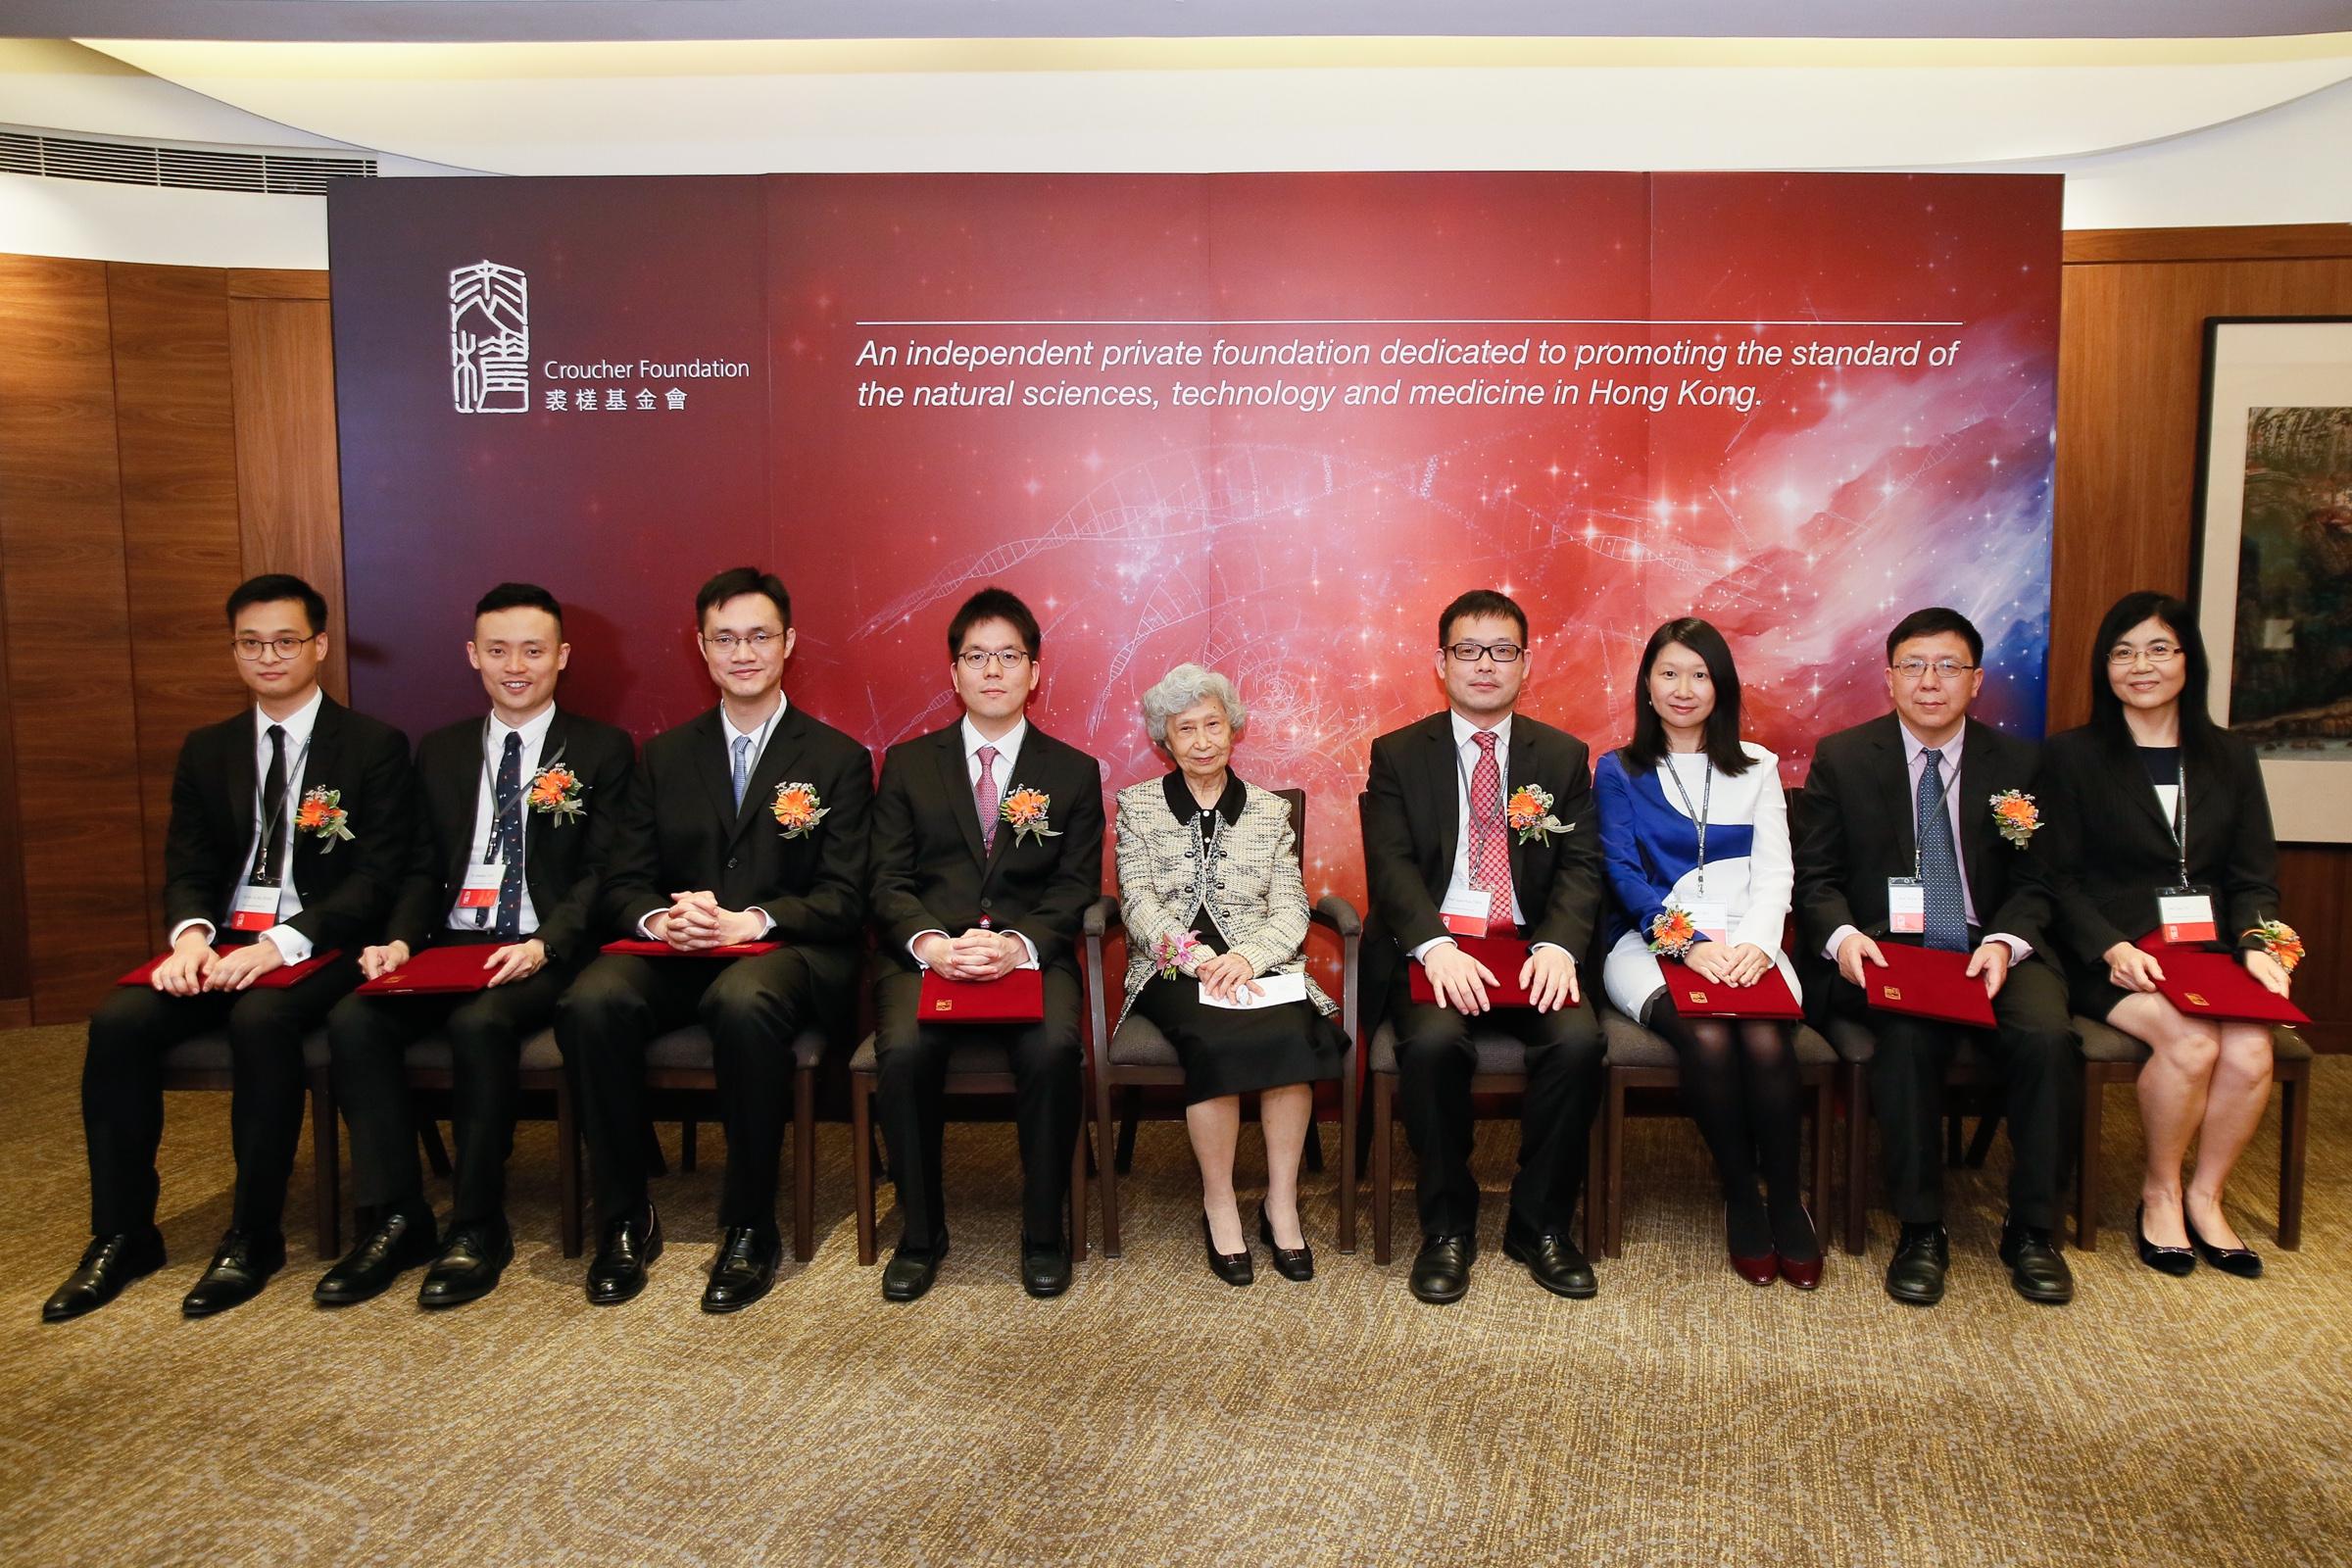 (From left) Dr Ho Yu AU-YEUNG (HKU), Prof Jonathan Chung-hang CHOI (CUHK), Dr Heming CUI (HKU), Prof Gyuboong JO (HKUST), Prof Rosie YOUNG, GBS, JP, Prof Guanhua CHEN (HKU), Prof Rossa Wai-kwun CHIU (CUHK), Prof Aimin XU (HKU), and Prof Jun YU (CUHK).